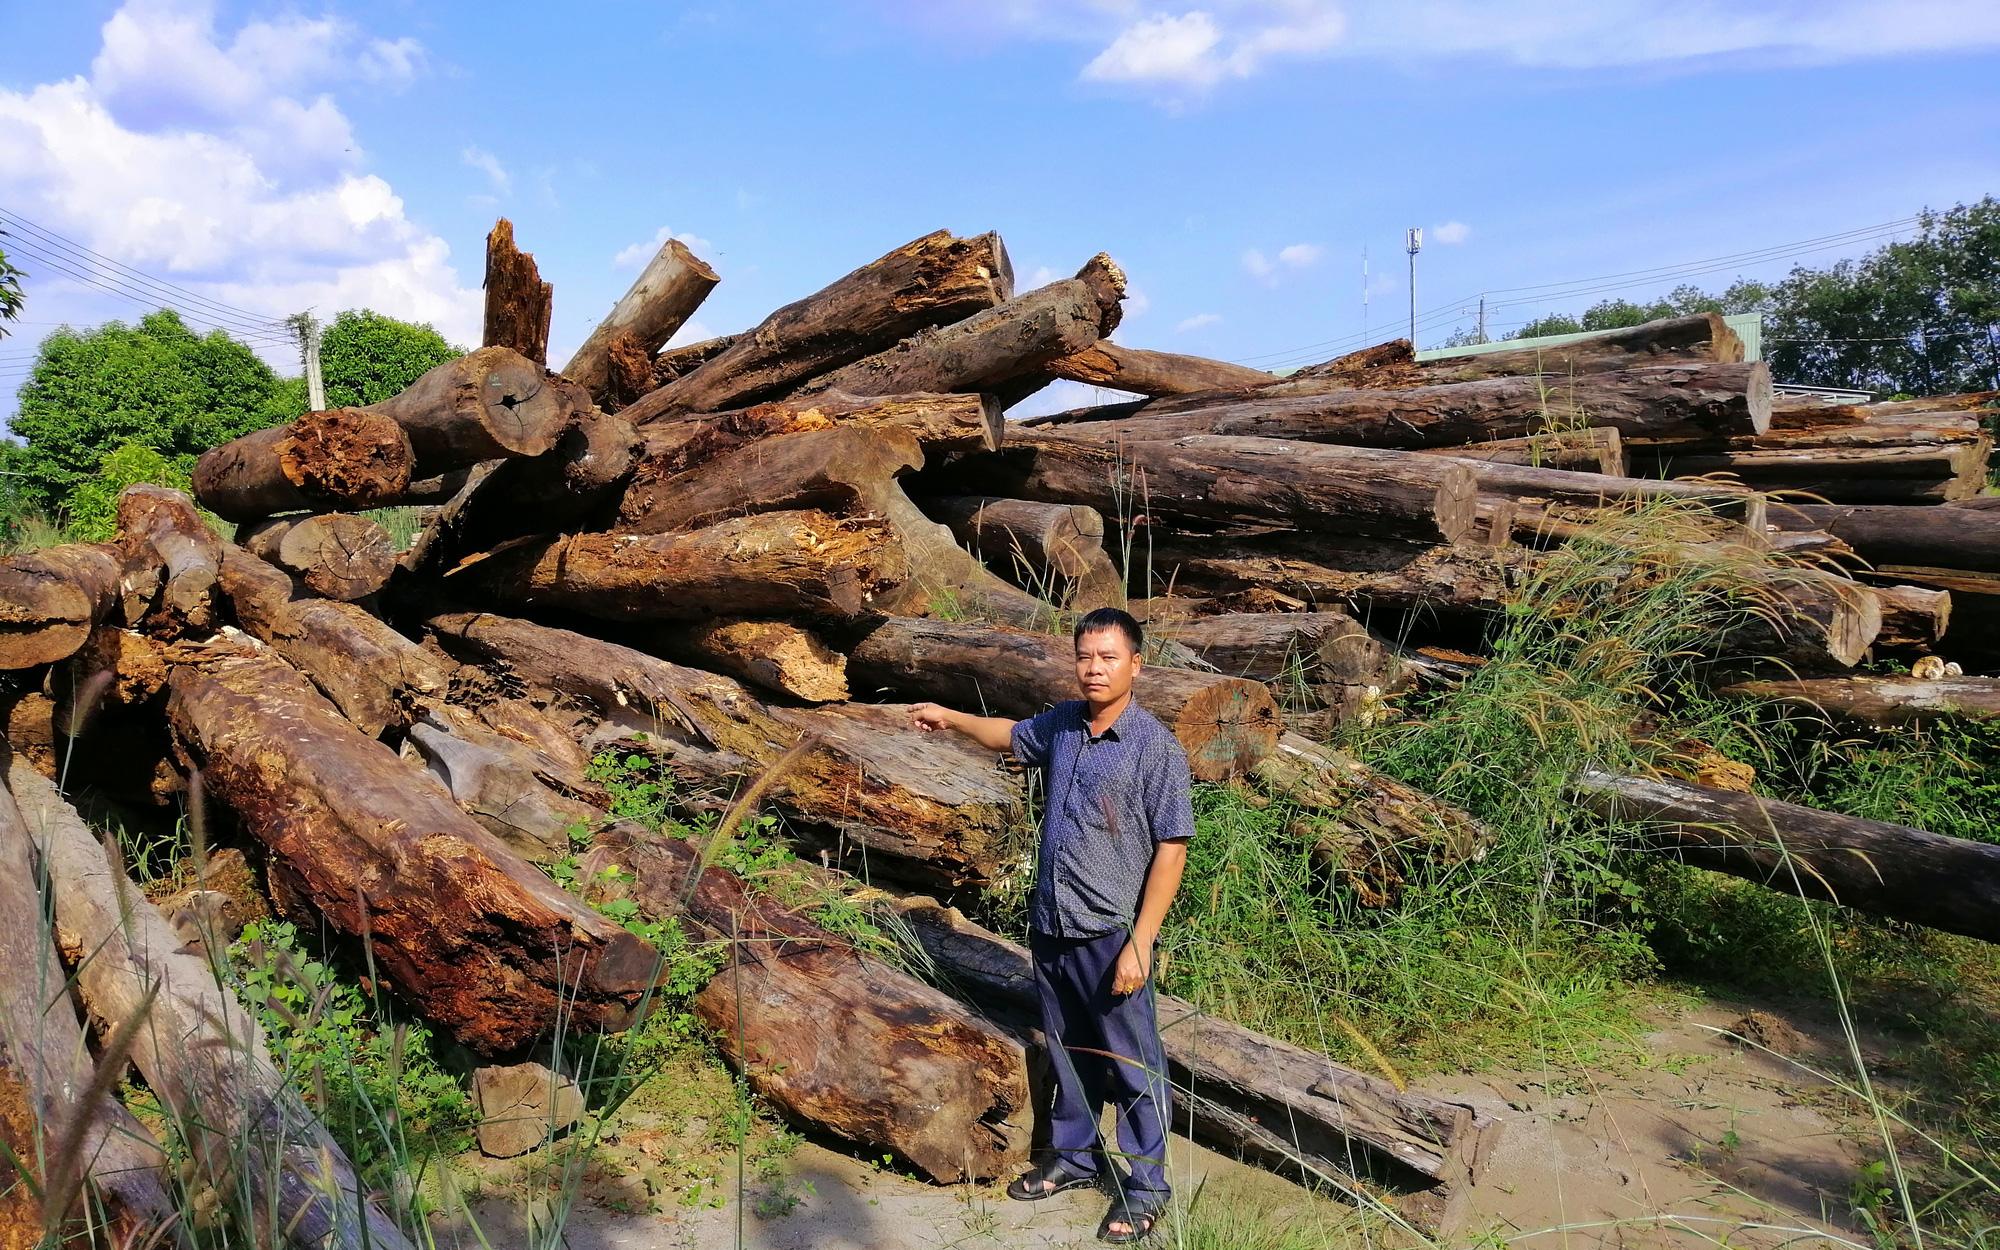 """Bình Phước kiểm tra dự án """"khủng"""" bảo vệ rừng bị tố có nhiều sai phạm"""